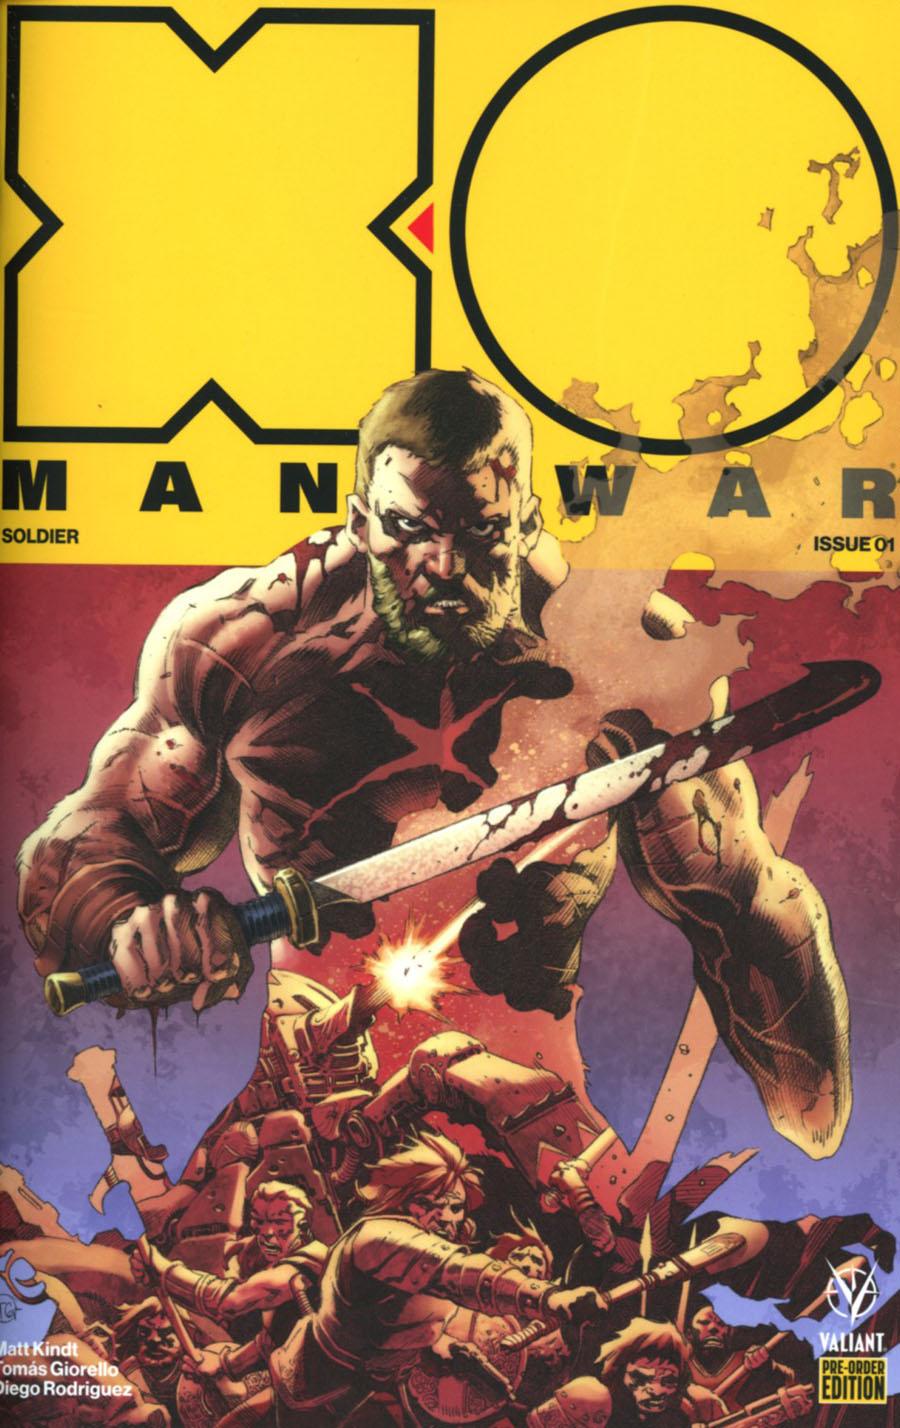 X-O Manowar Vol 4 #1 Cover C Variant Tomas Giorello Cover